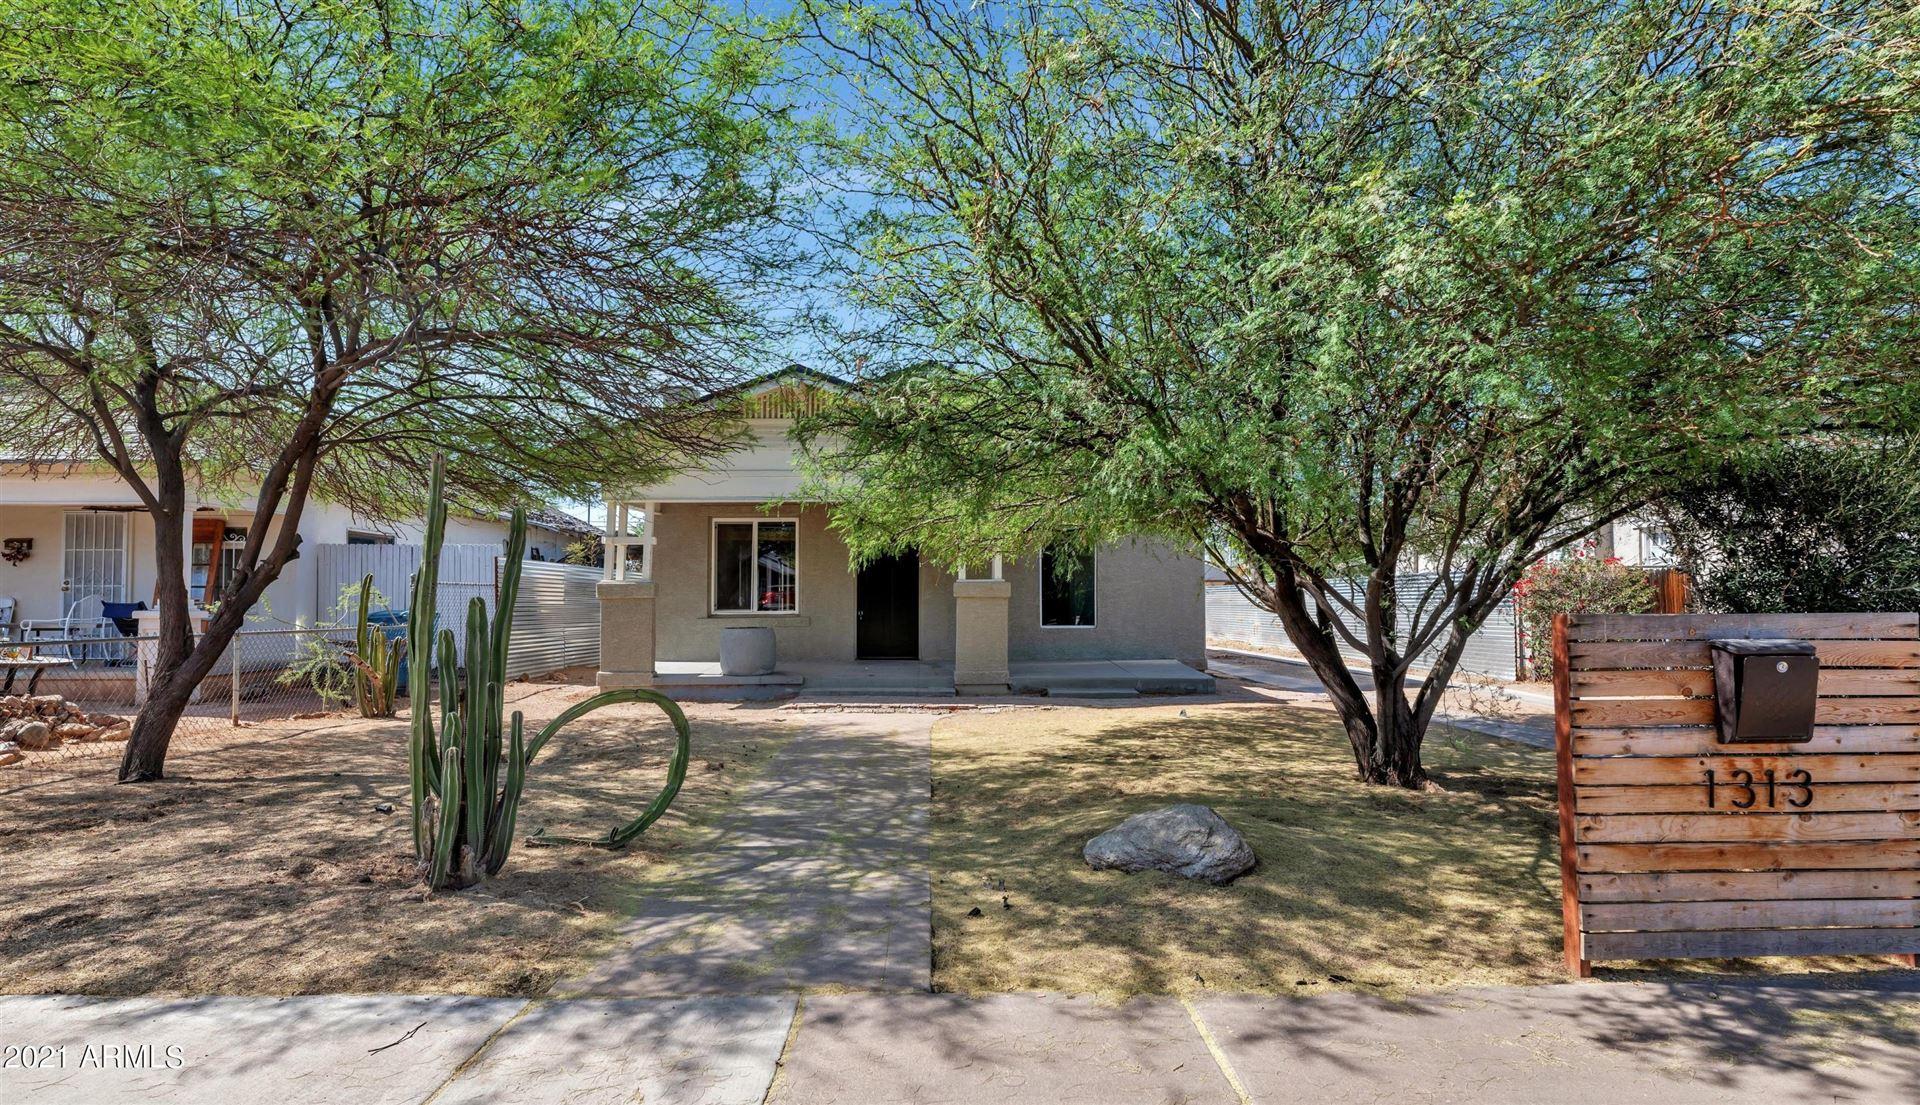 1313 E BRILL Street, Phoenix, AZ 85006 - MLS#: 6235828